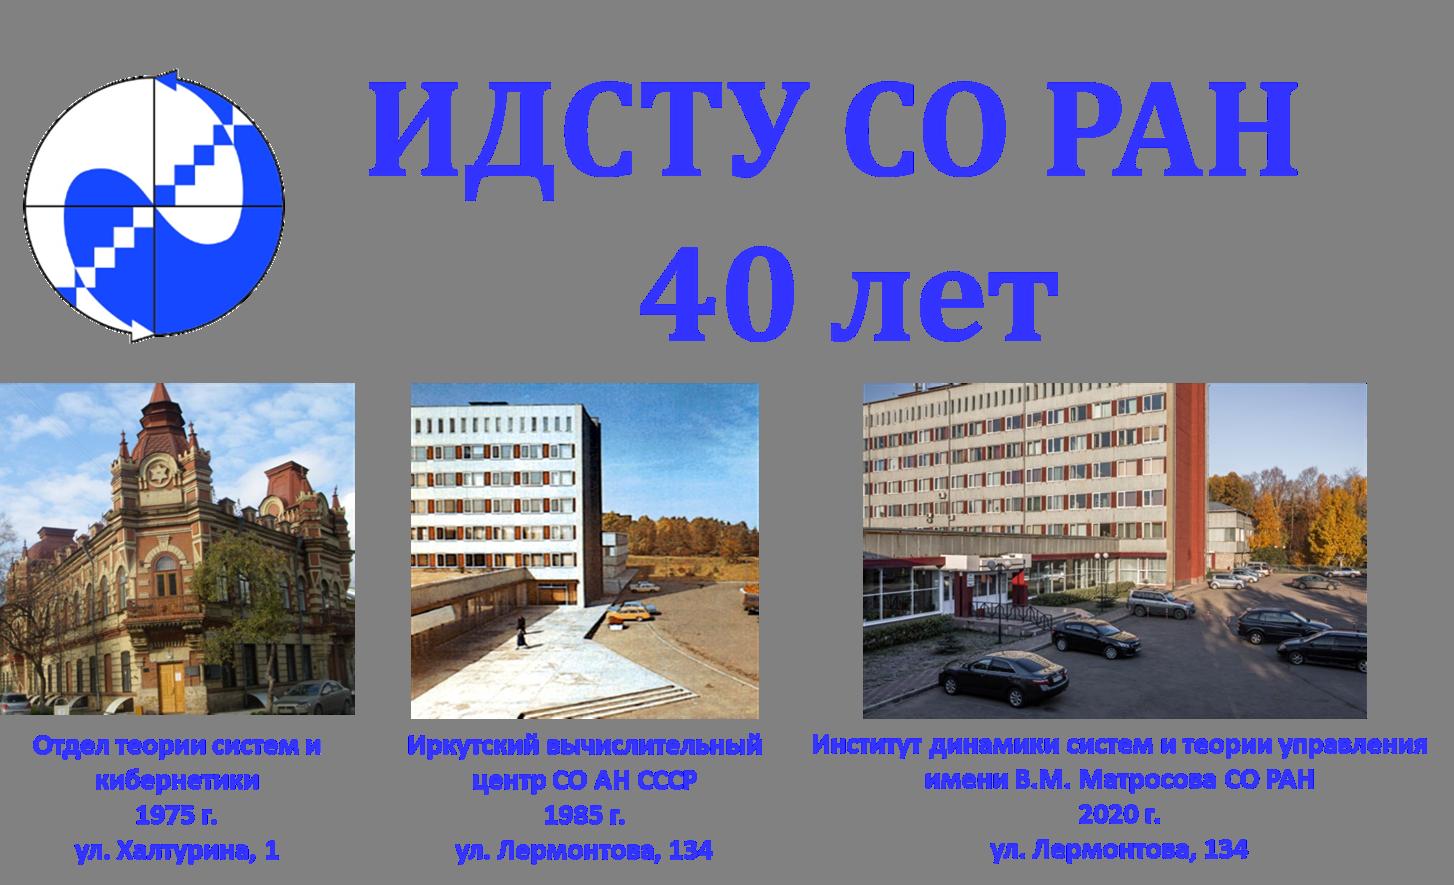 Юбилей 40 лет ИДСТУ СО РАН